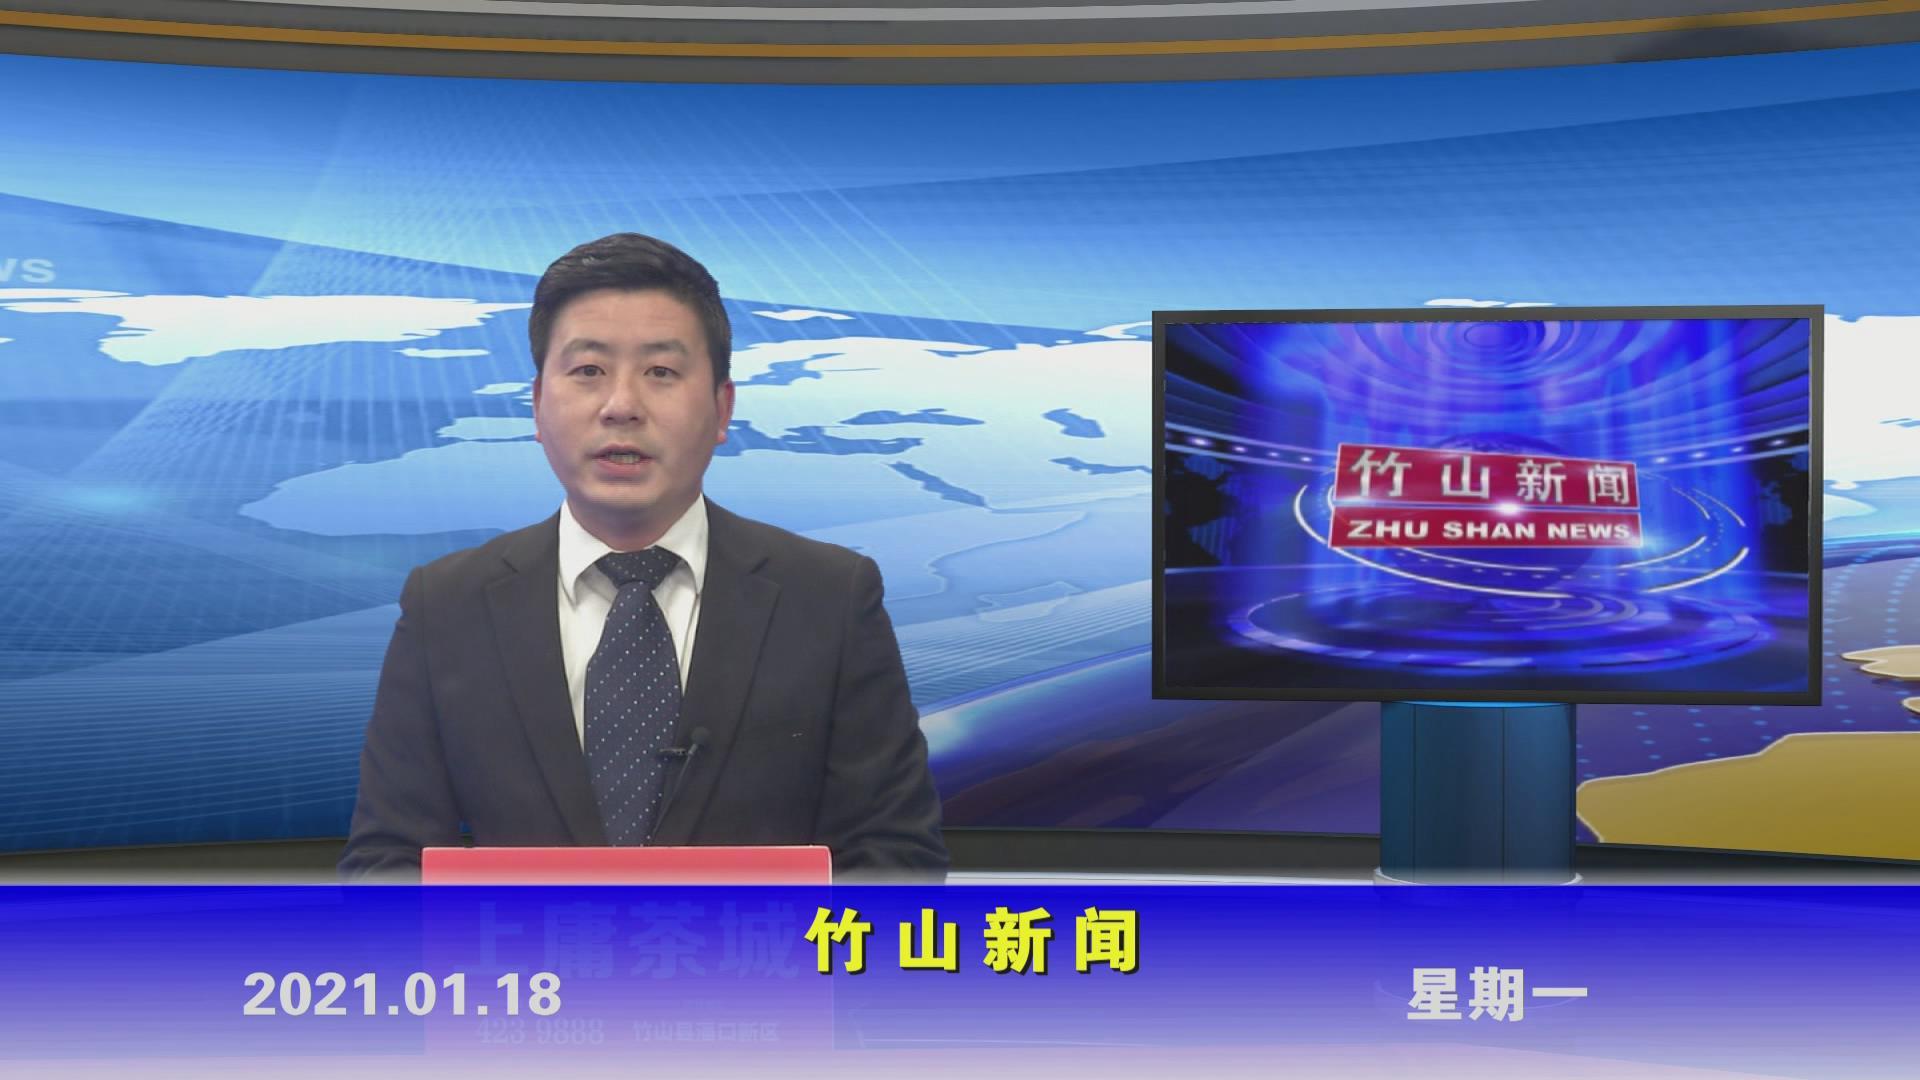 竹山新闻丨2021年1月18日